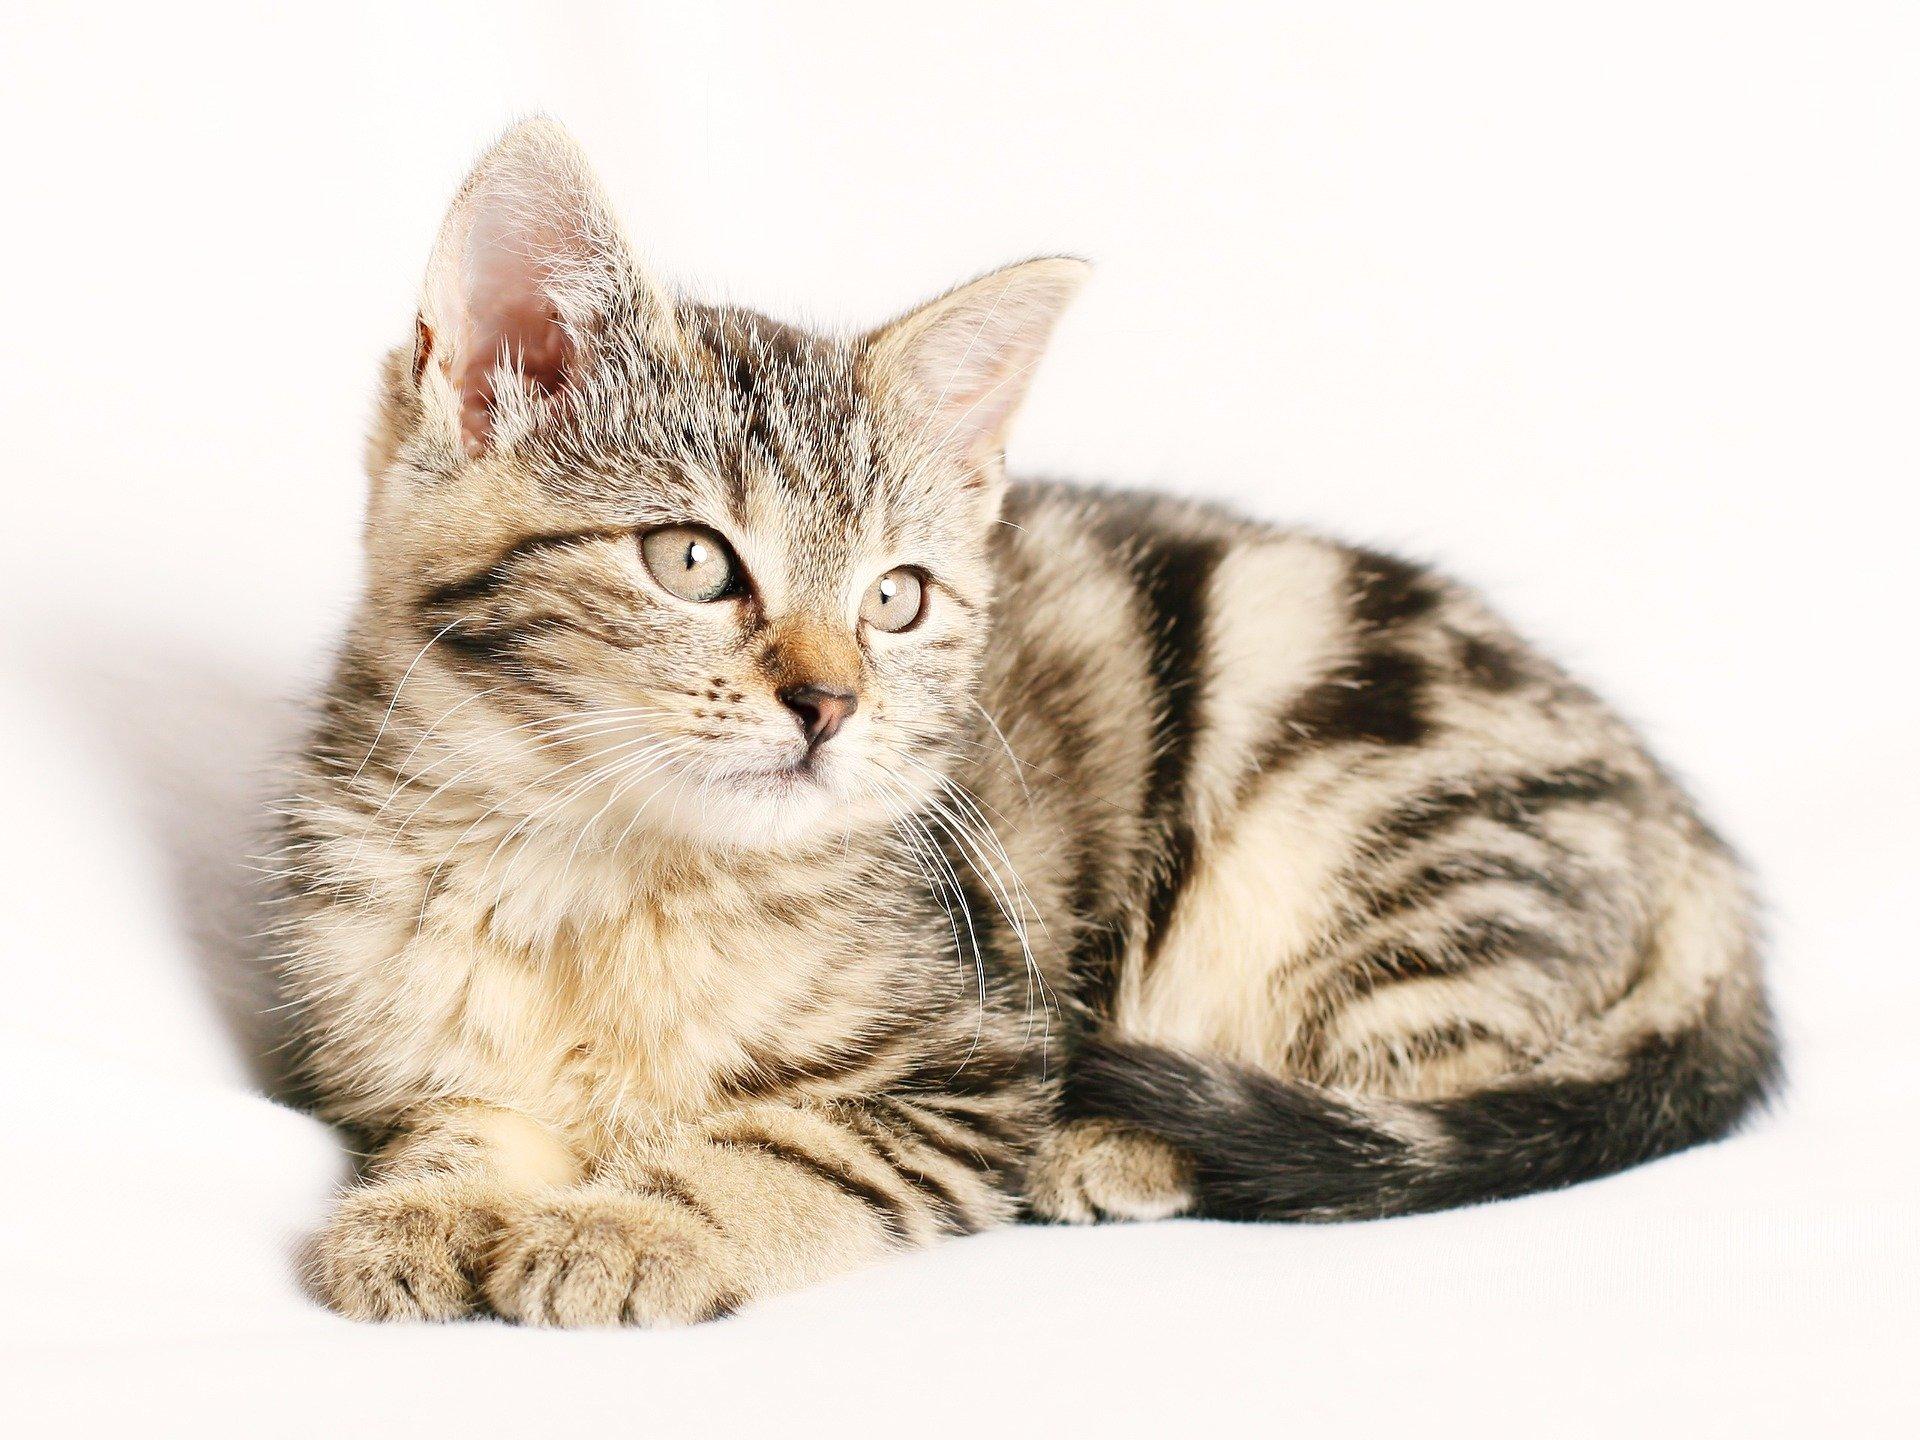 cat-1192026_1920